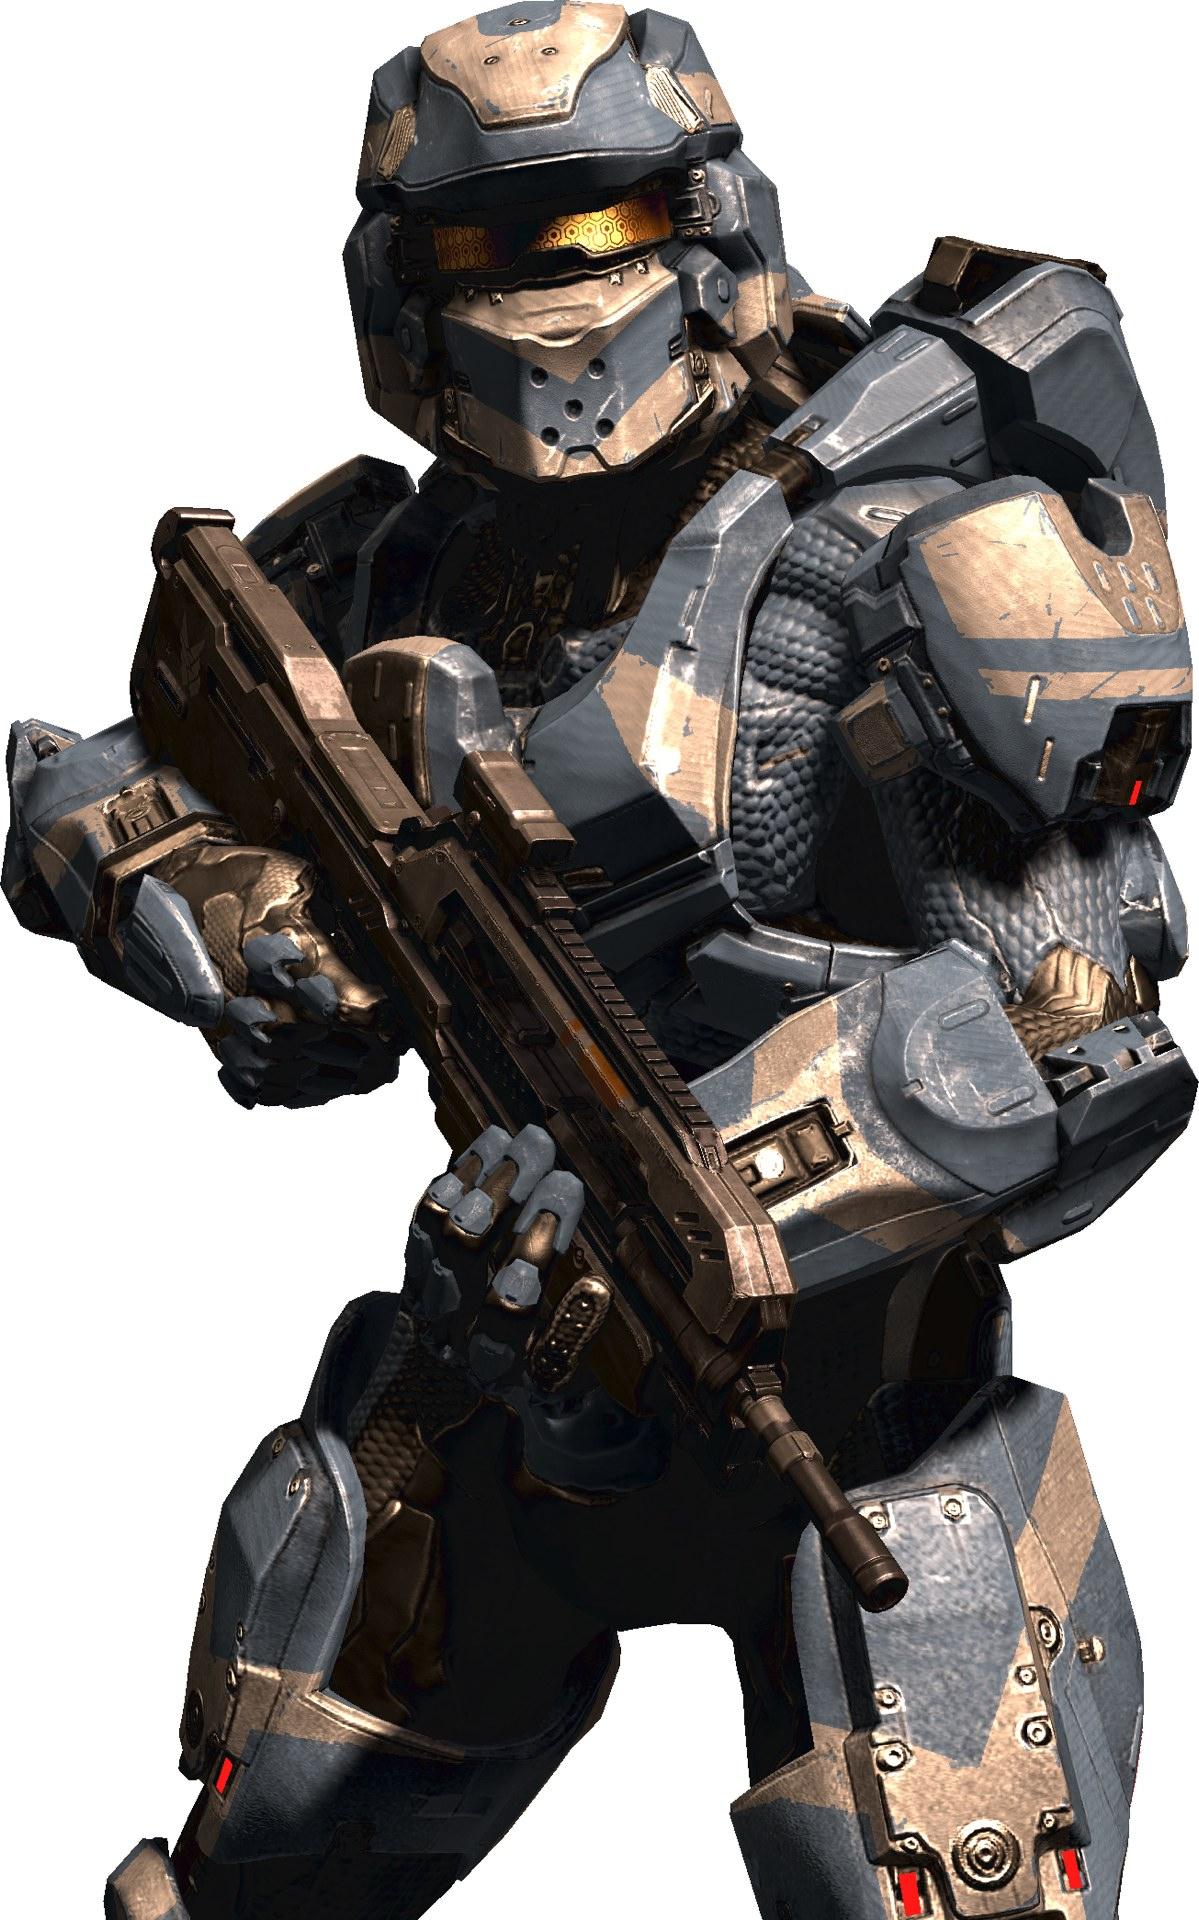 Halo4 360 Visuel 016